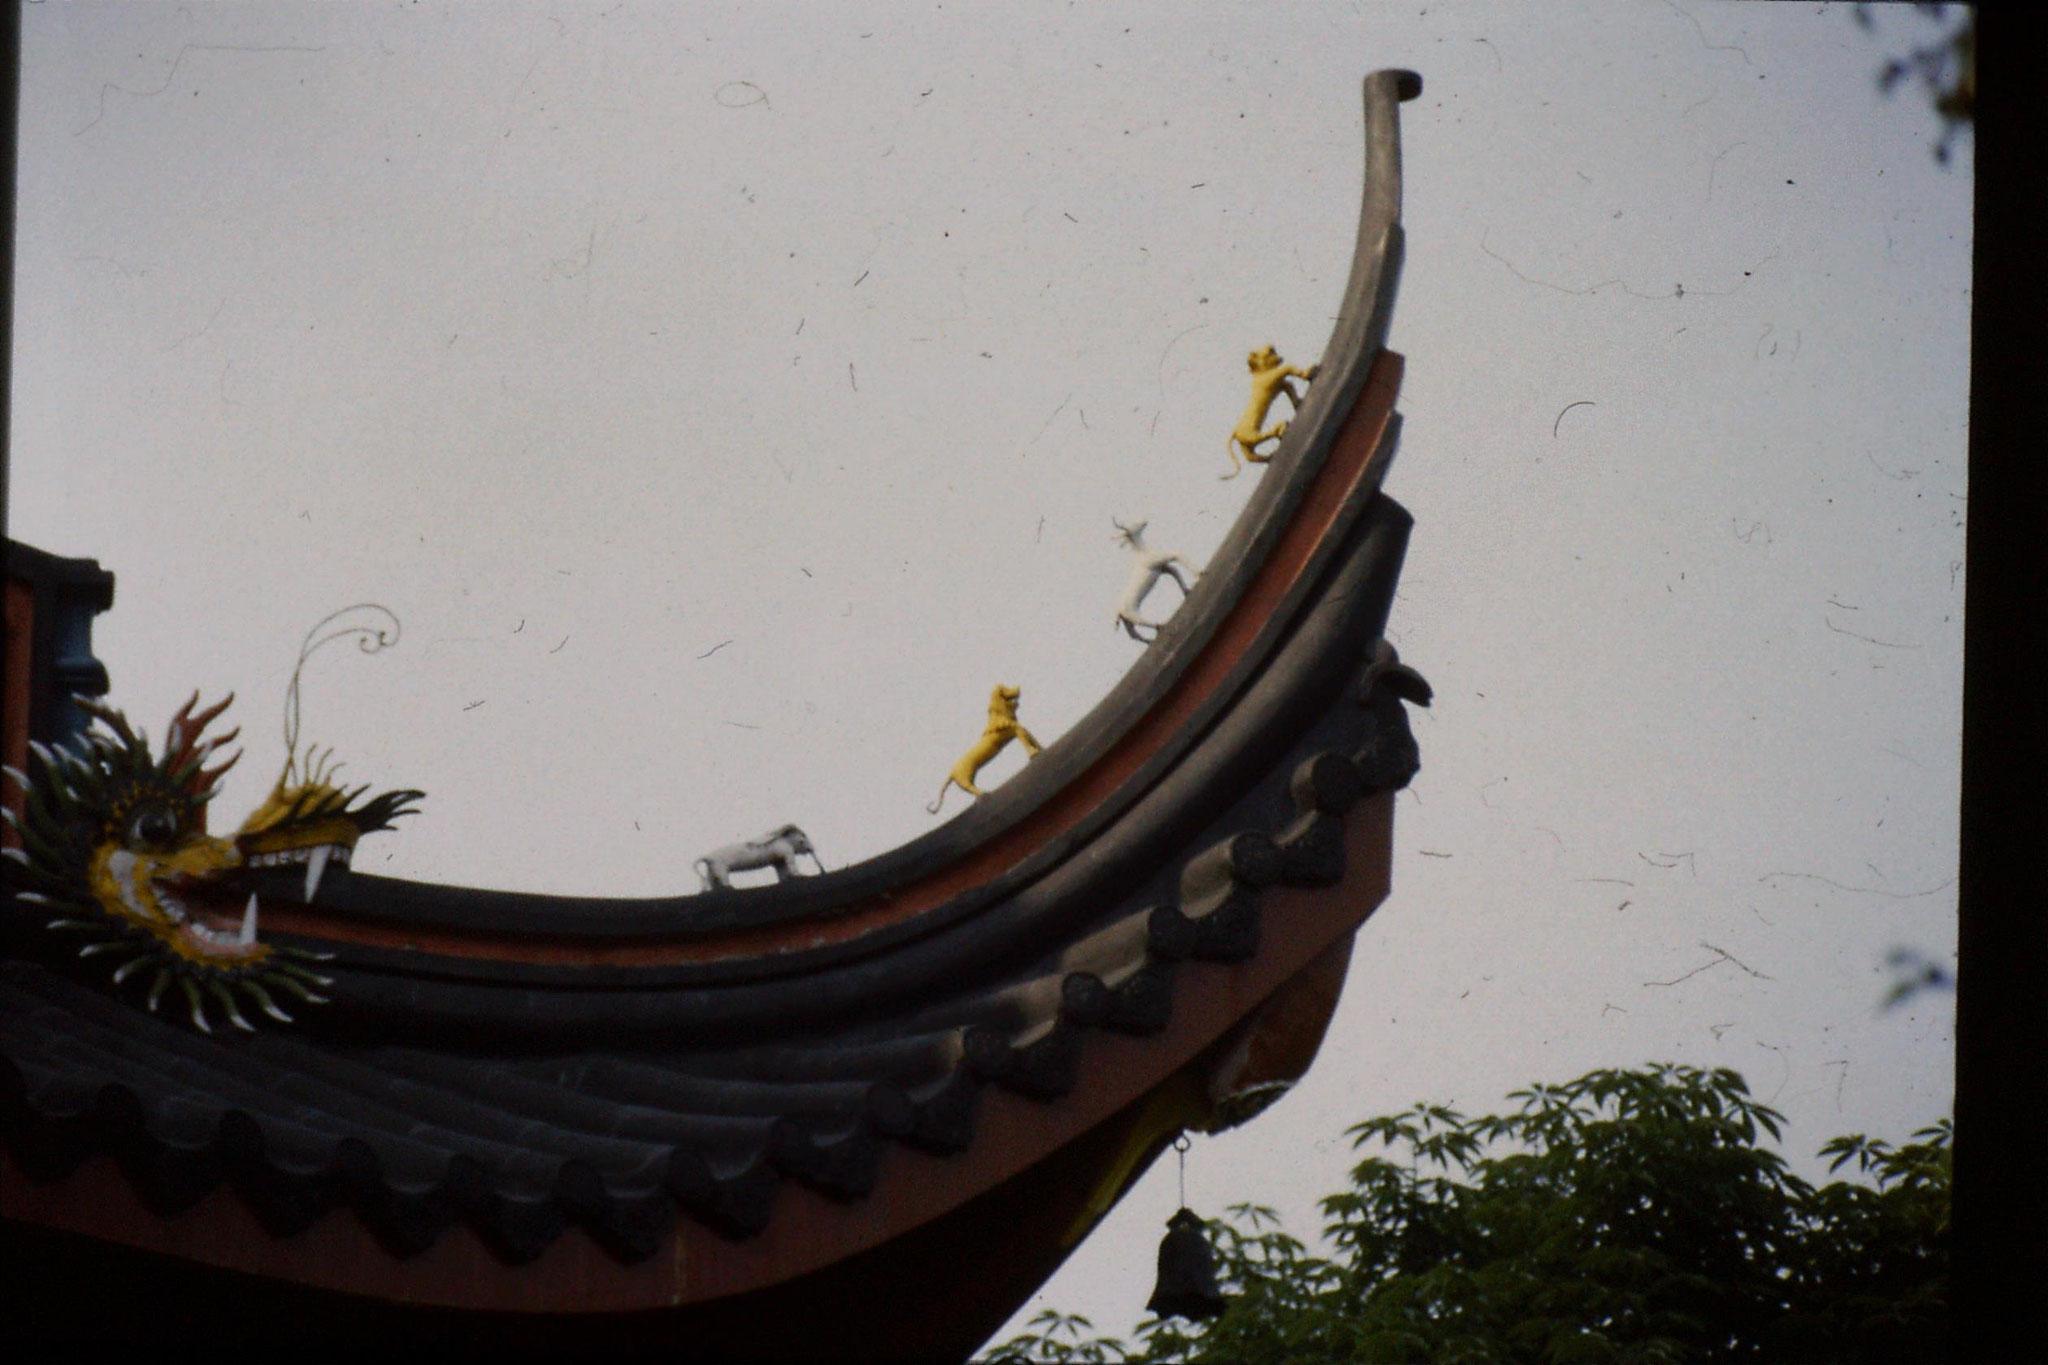 2/6/1989: 34: Hangzhou Ling Yin Si